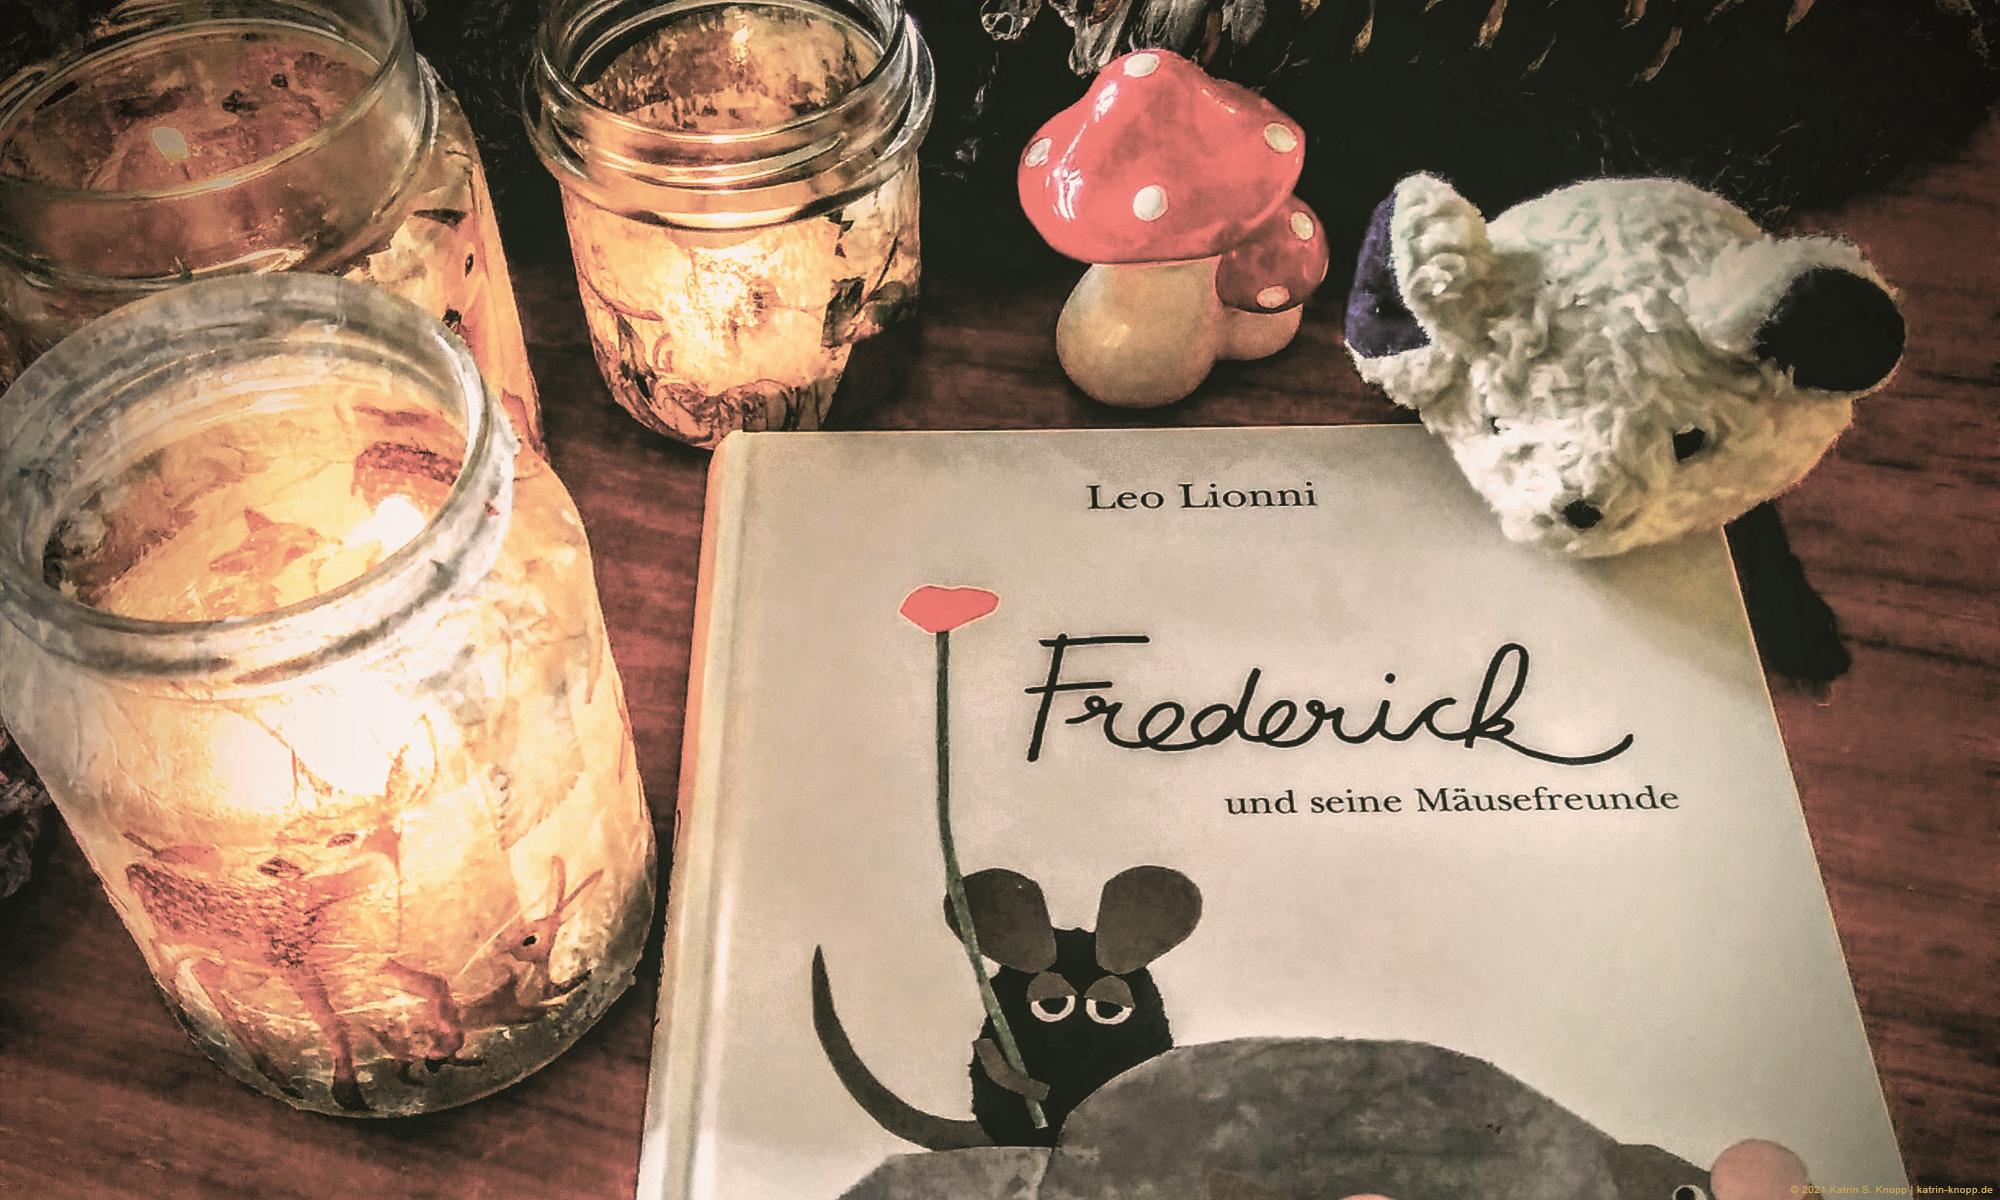 Leo Lionni: Frederick und seine Mäusefreunde | © Katrin S. Knopp | www.katrin-knopp.de